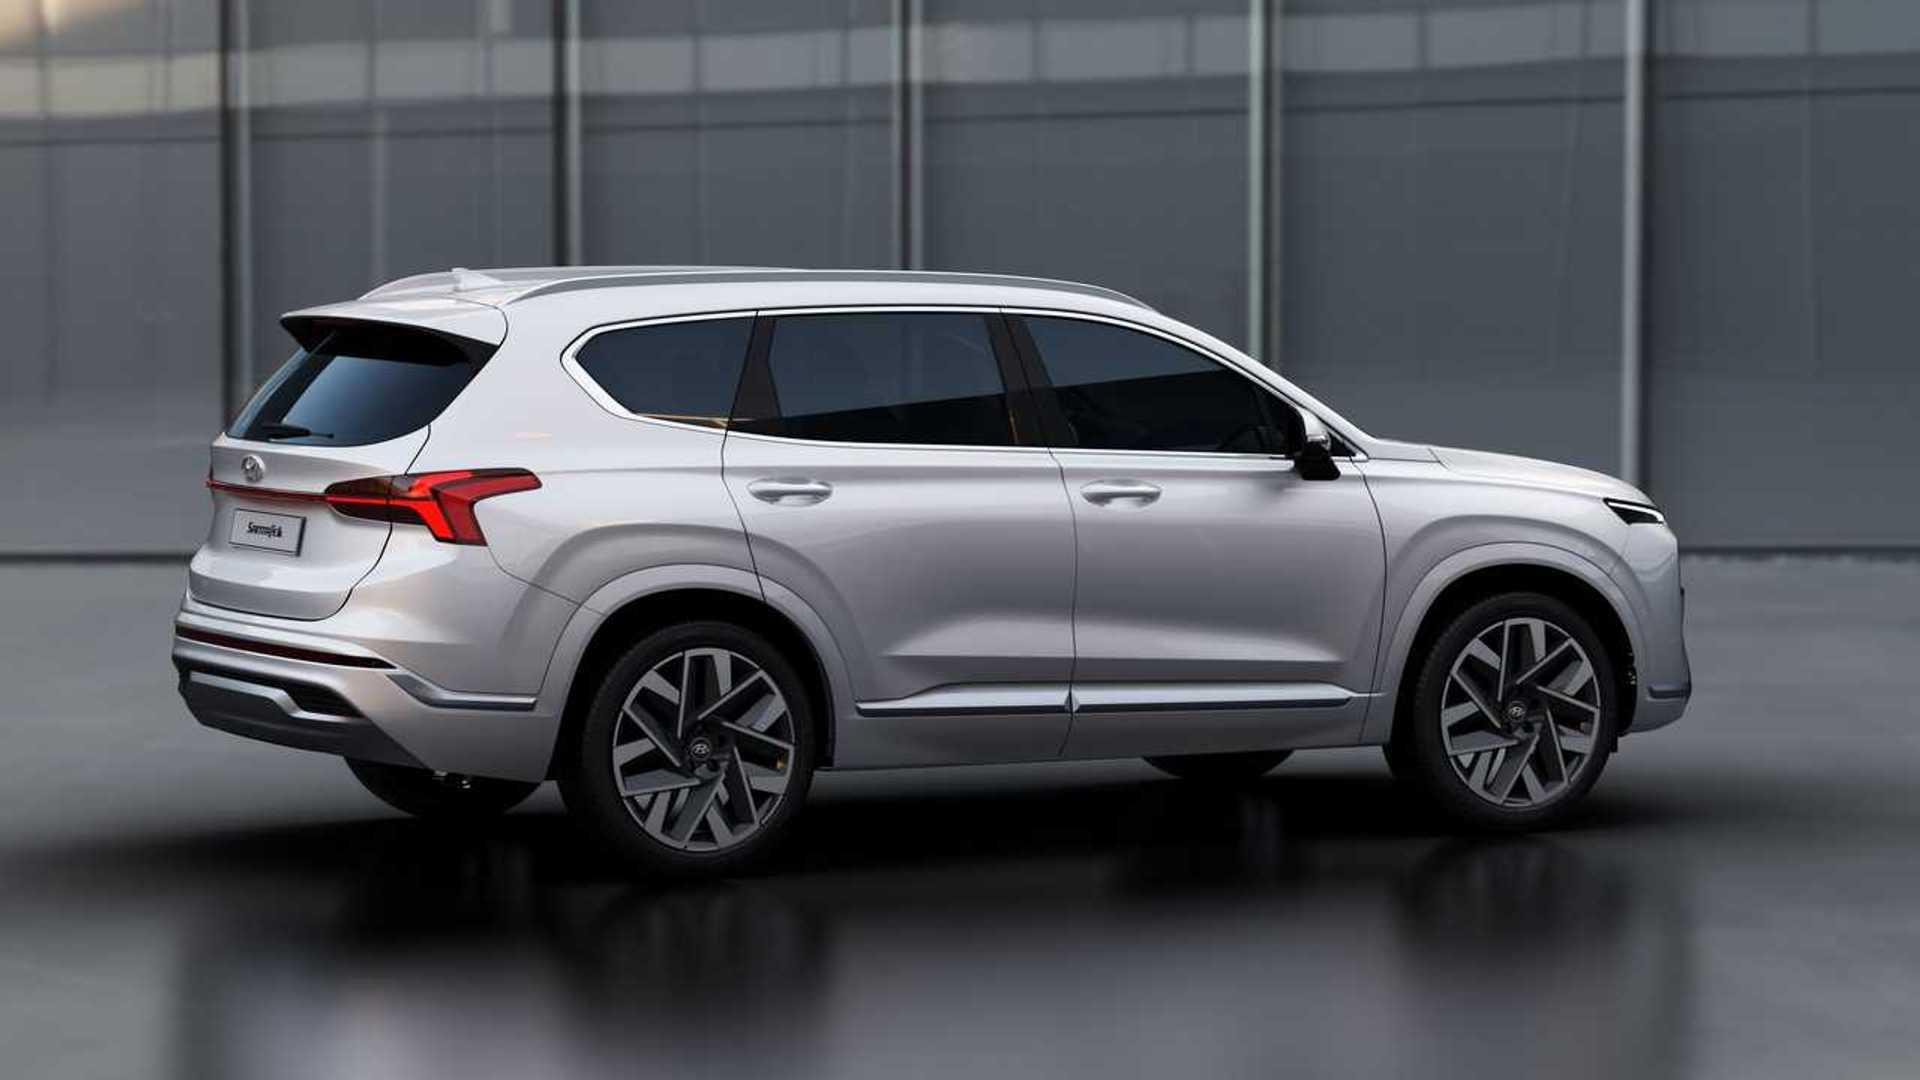 Novo Hyundai Santa Fe 2021 Liga Pelo Celular E Estaciona Sem Ninguem No Comando